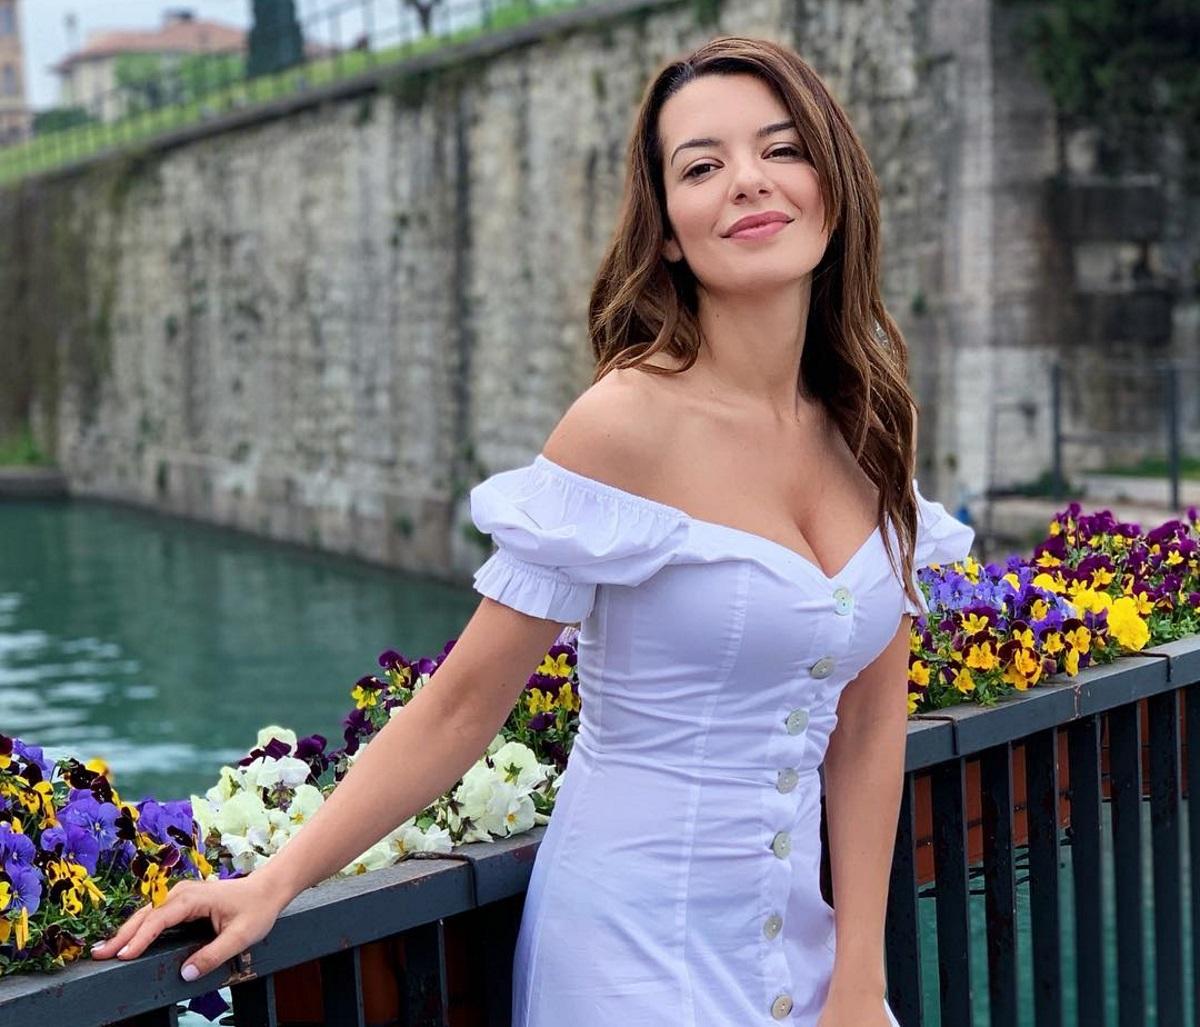 Νικολέττα Ράλλη: Το love story με τον Μιχάλη Ανδρούτσο και η εγκυμοσύνη! [pics]